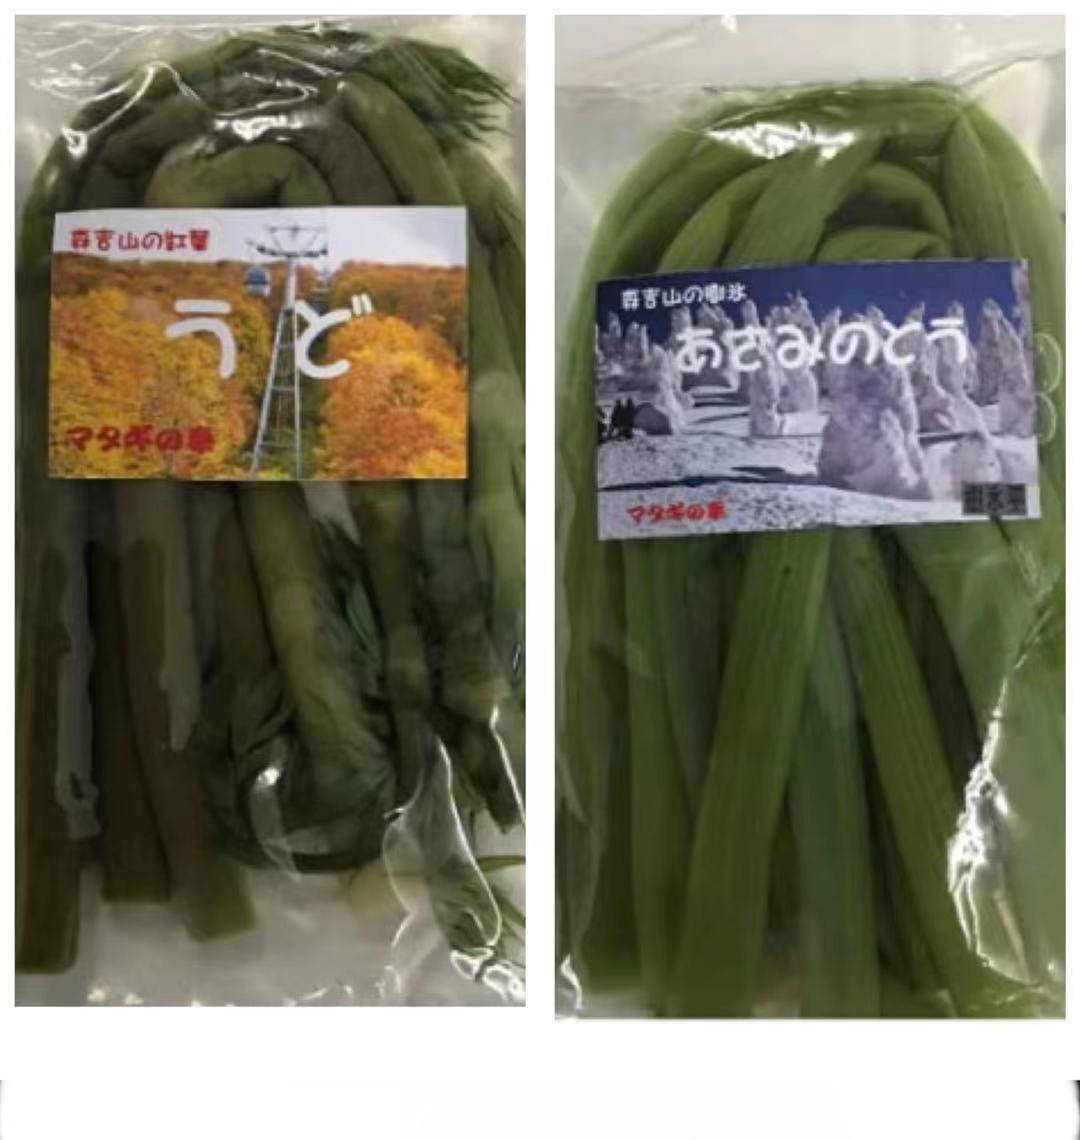 秋田県産 山菜 超目玉 うど水煮110g あさみのとう水煮200g AL完売しました 各1袋 計2袋